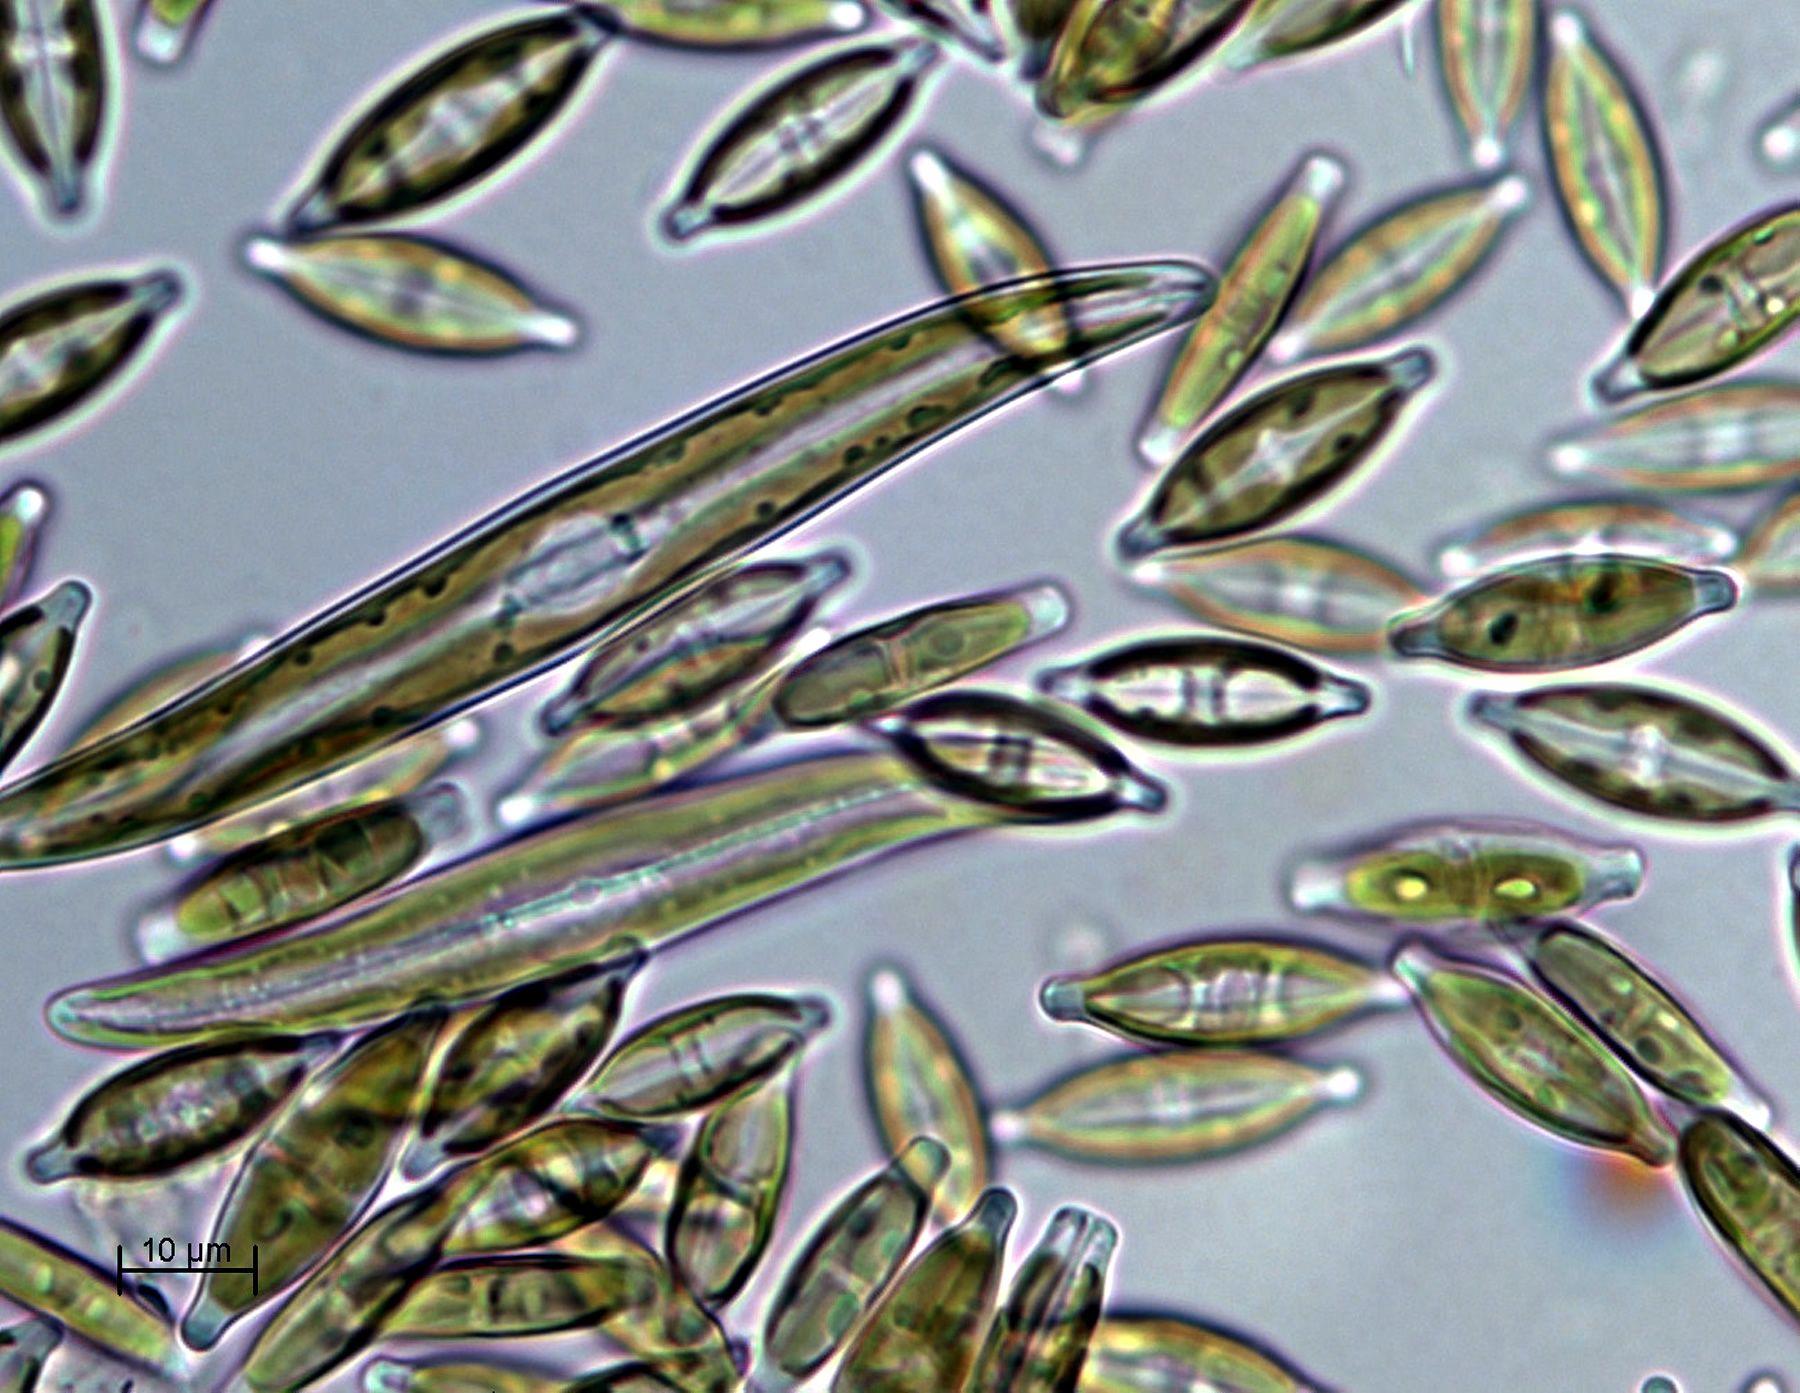 Pin By Nathaniel Hannemann On Chlorophyta Charophyta Etc